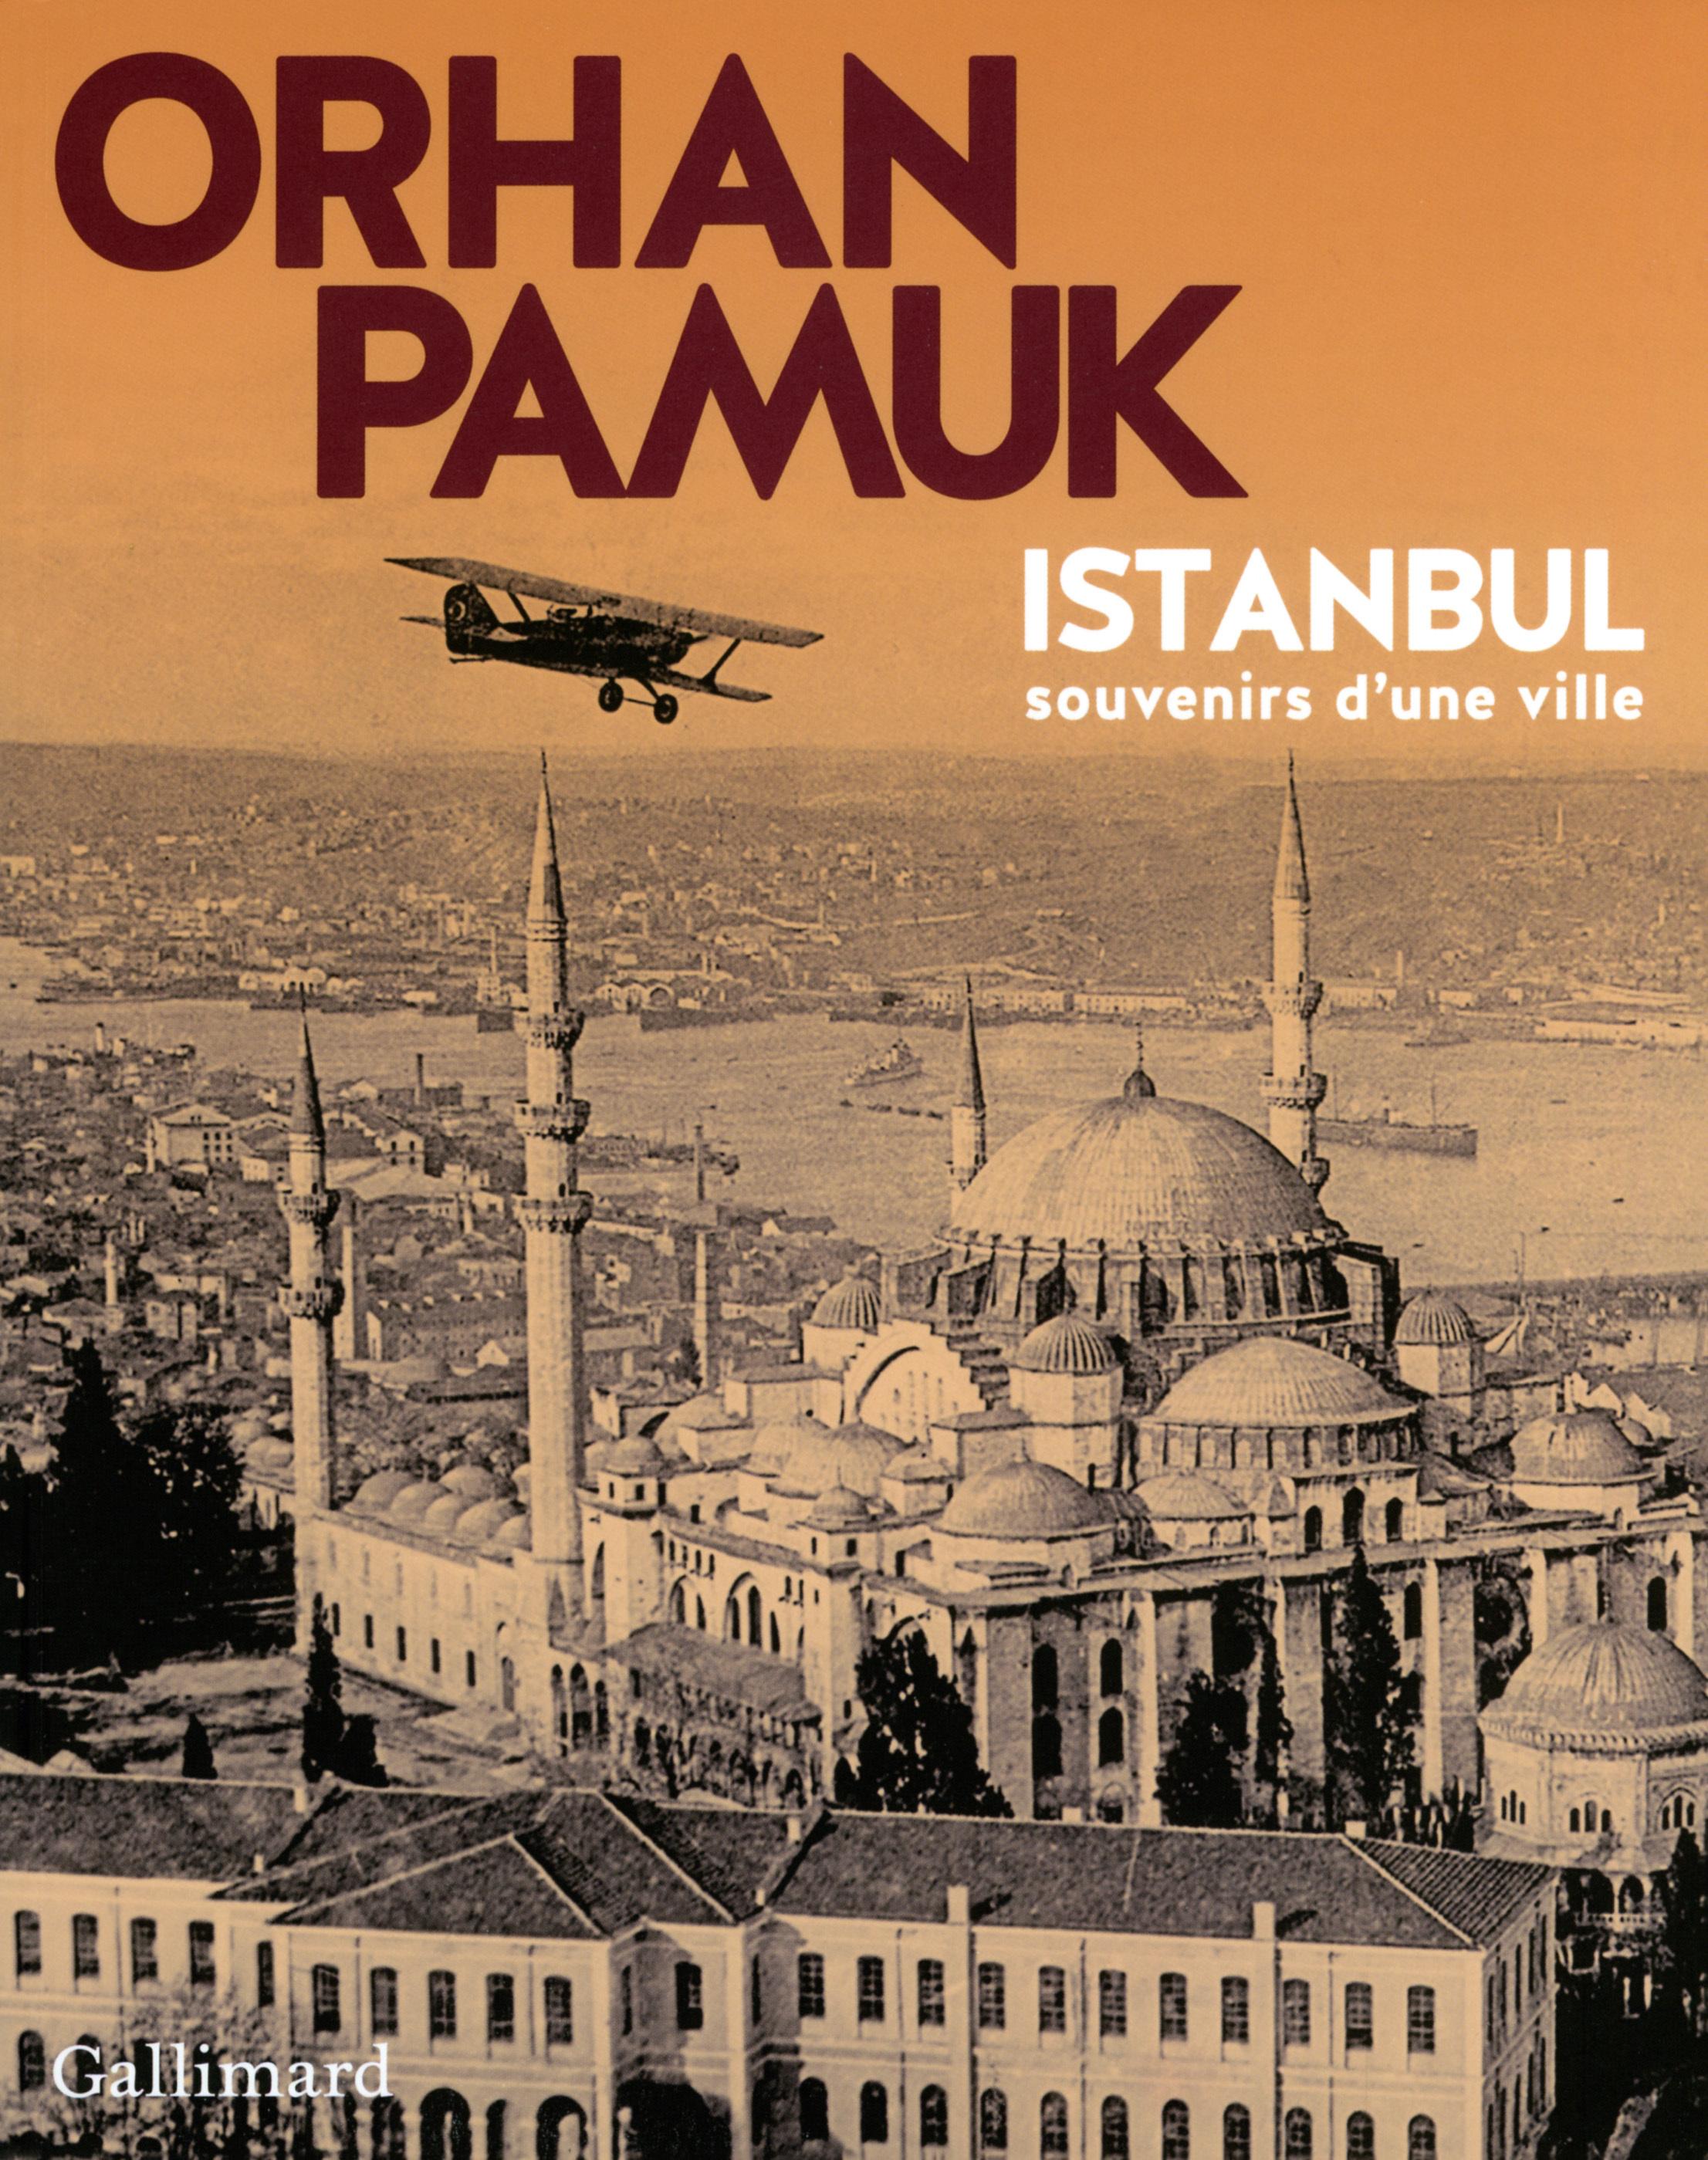 ISTANBUL ILLUSTRE